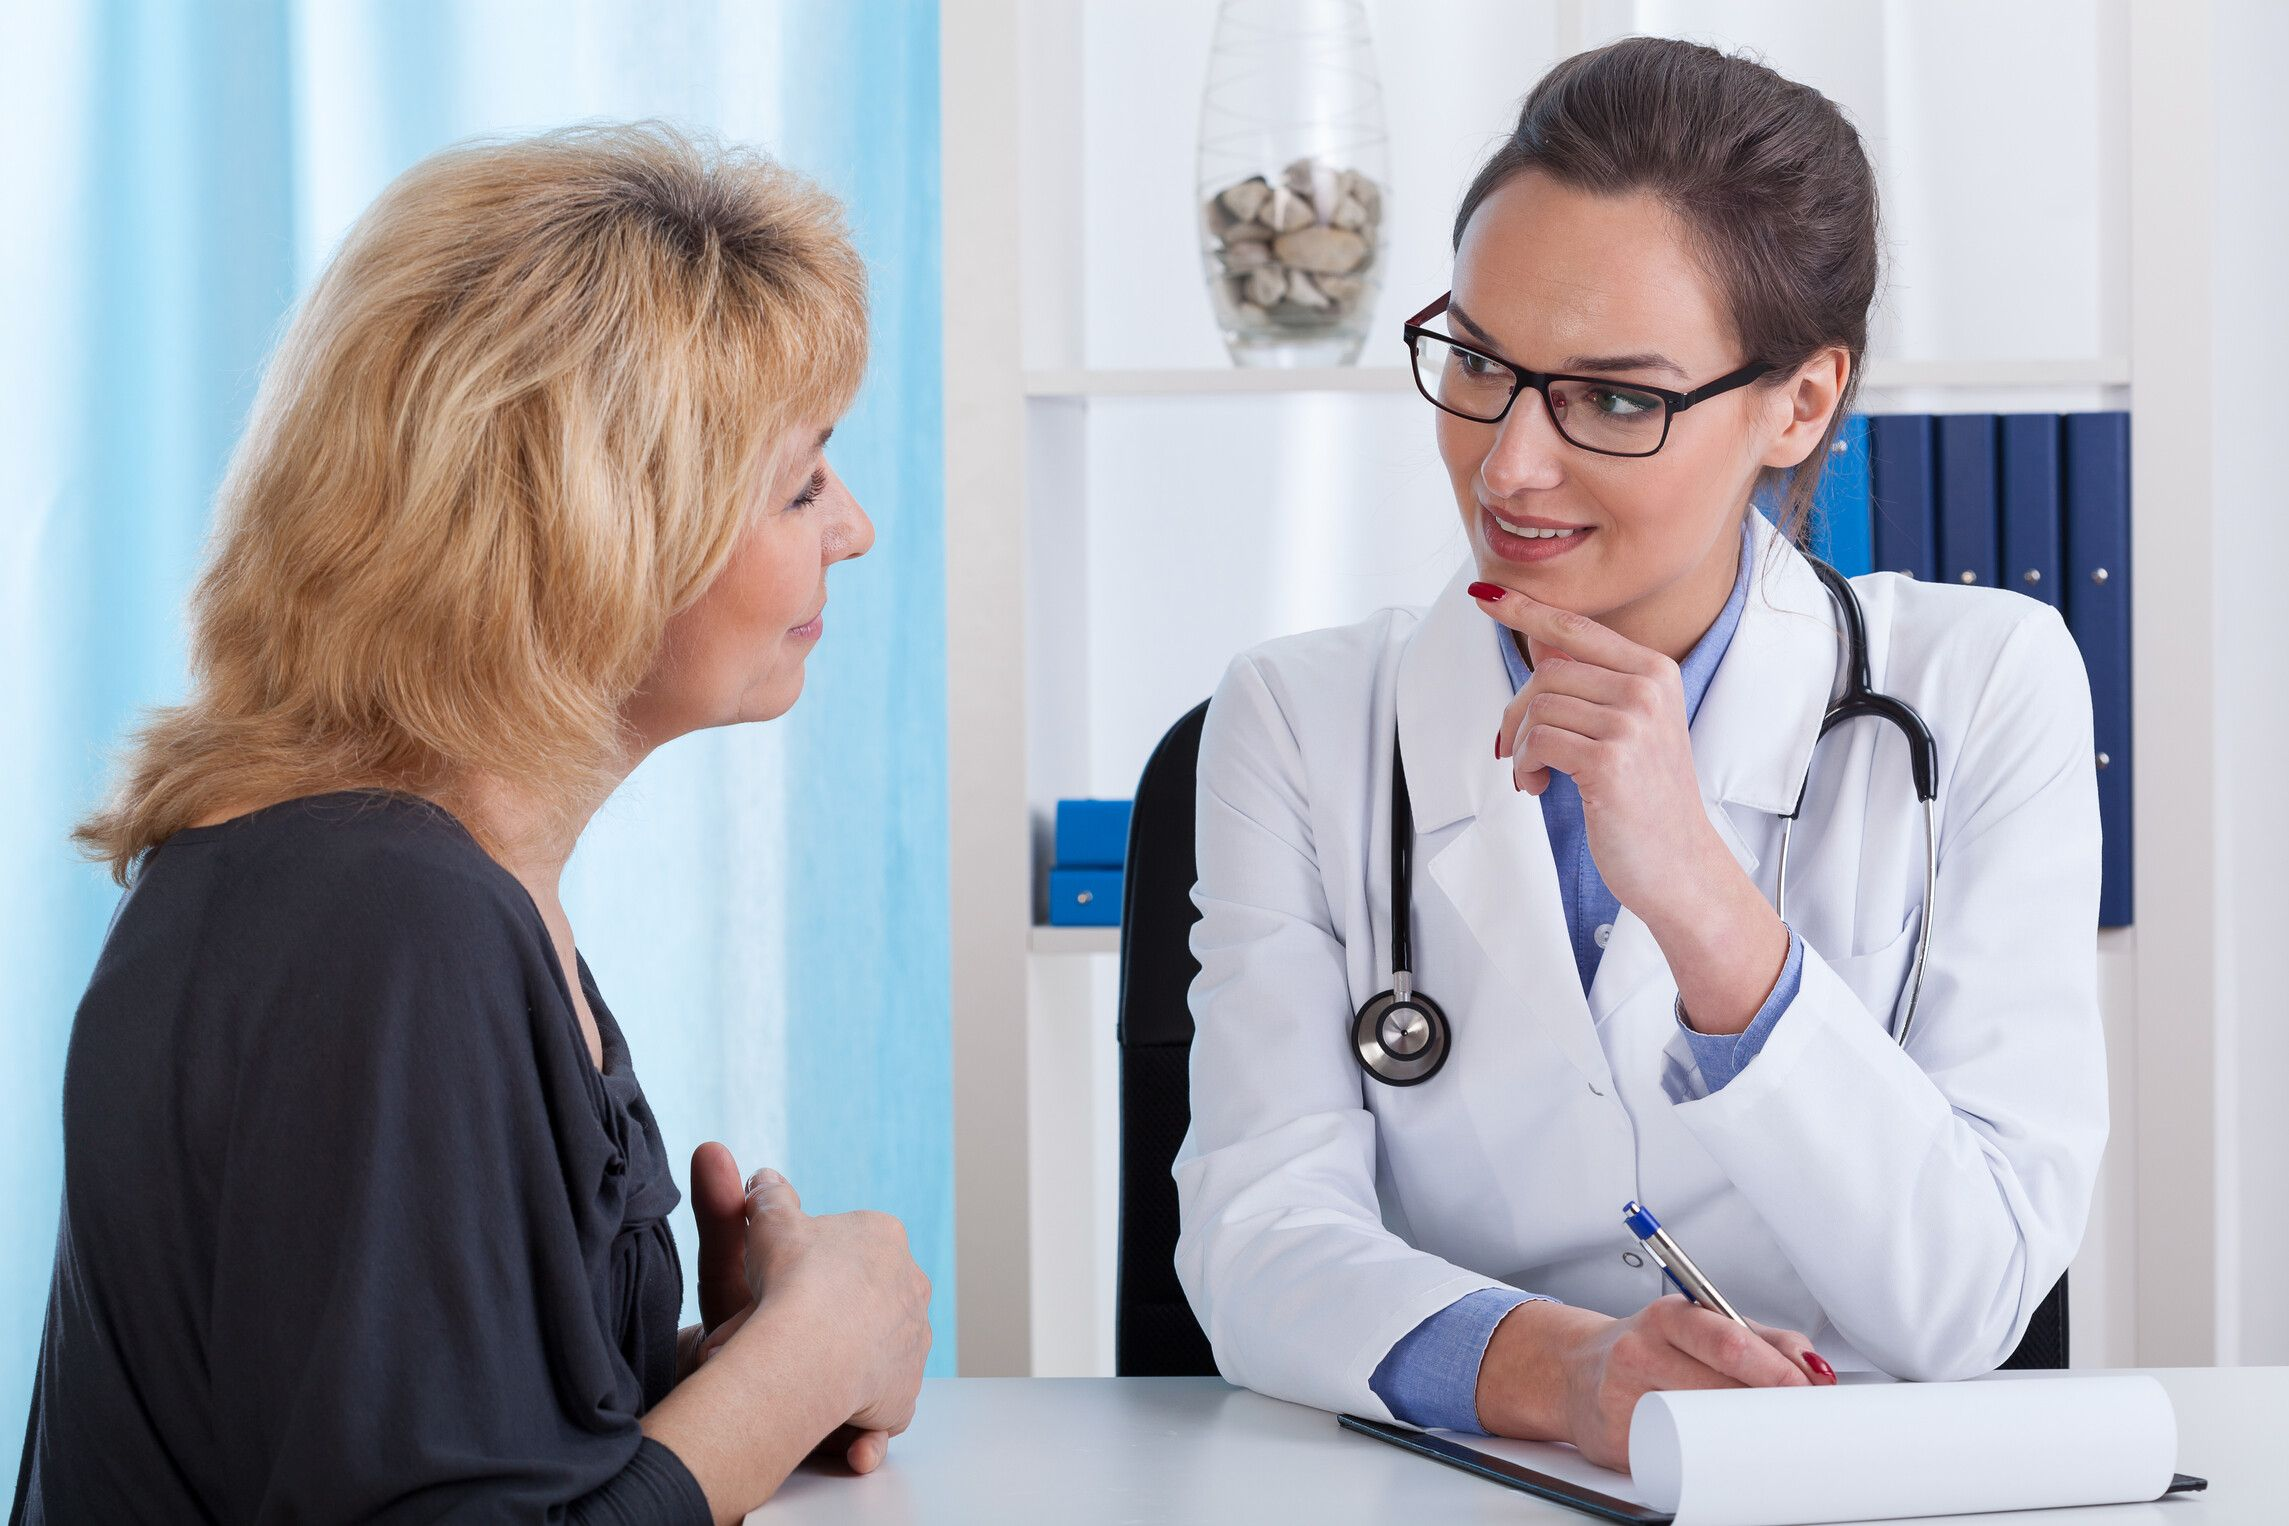 Wenn Krebs frühzeitig erkannt wird, bestehen gute Heilungschance. Daher sollte die Chance der frühen Diagnostik unbedingt genutzt werden. (Foto: AOK/hfr.)